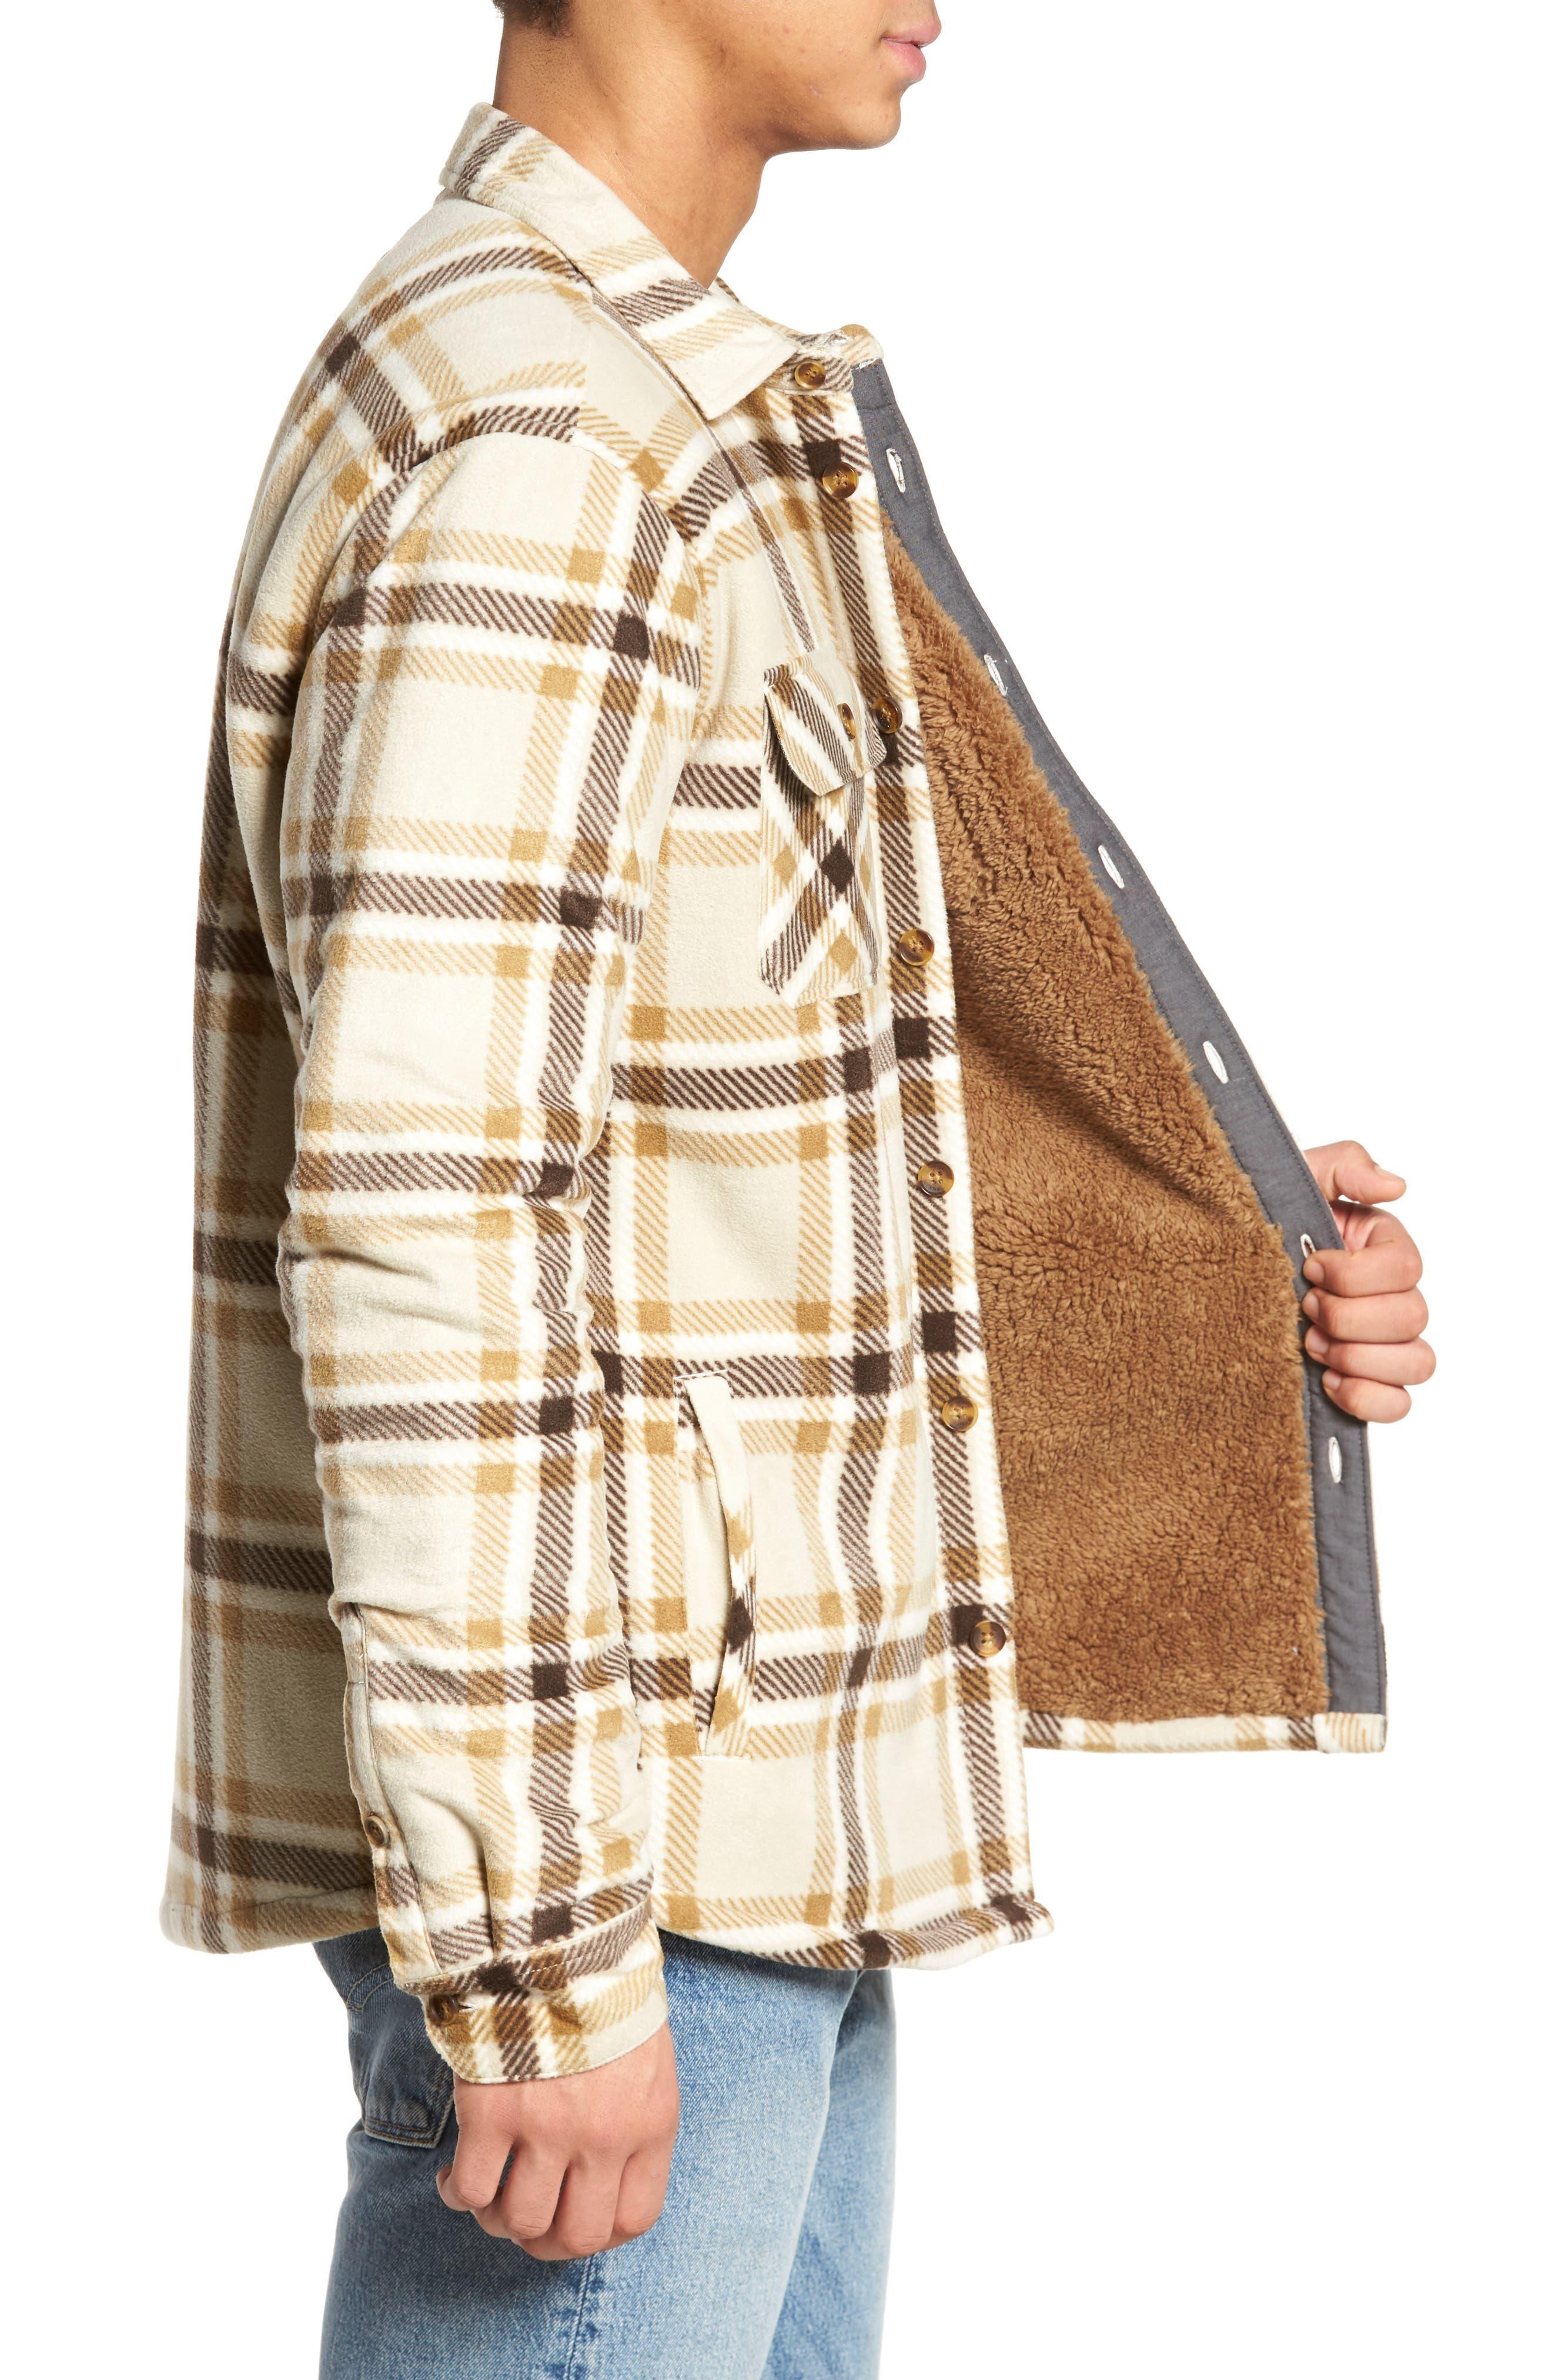 Glacier Heat Dome Plaid Fleece Shirt,                             Alternate thumbnail 3, color,                             250